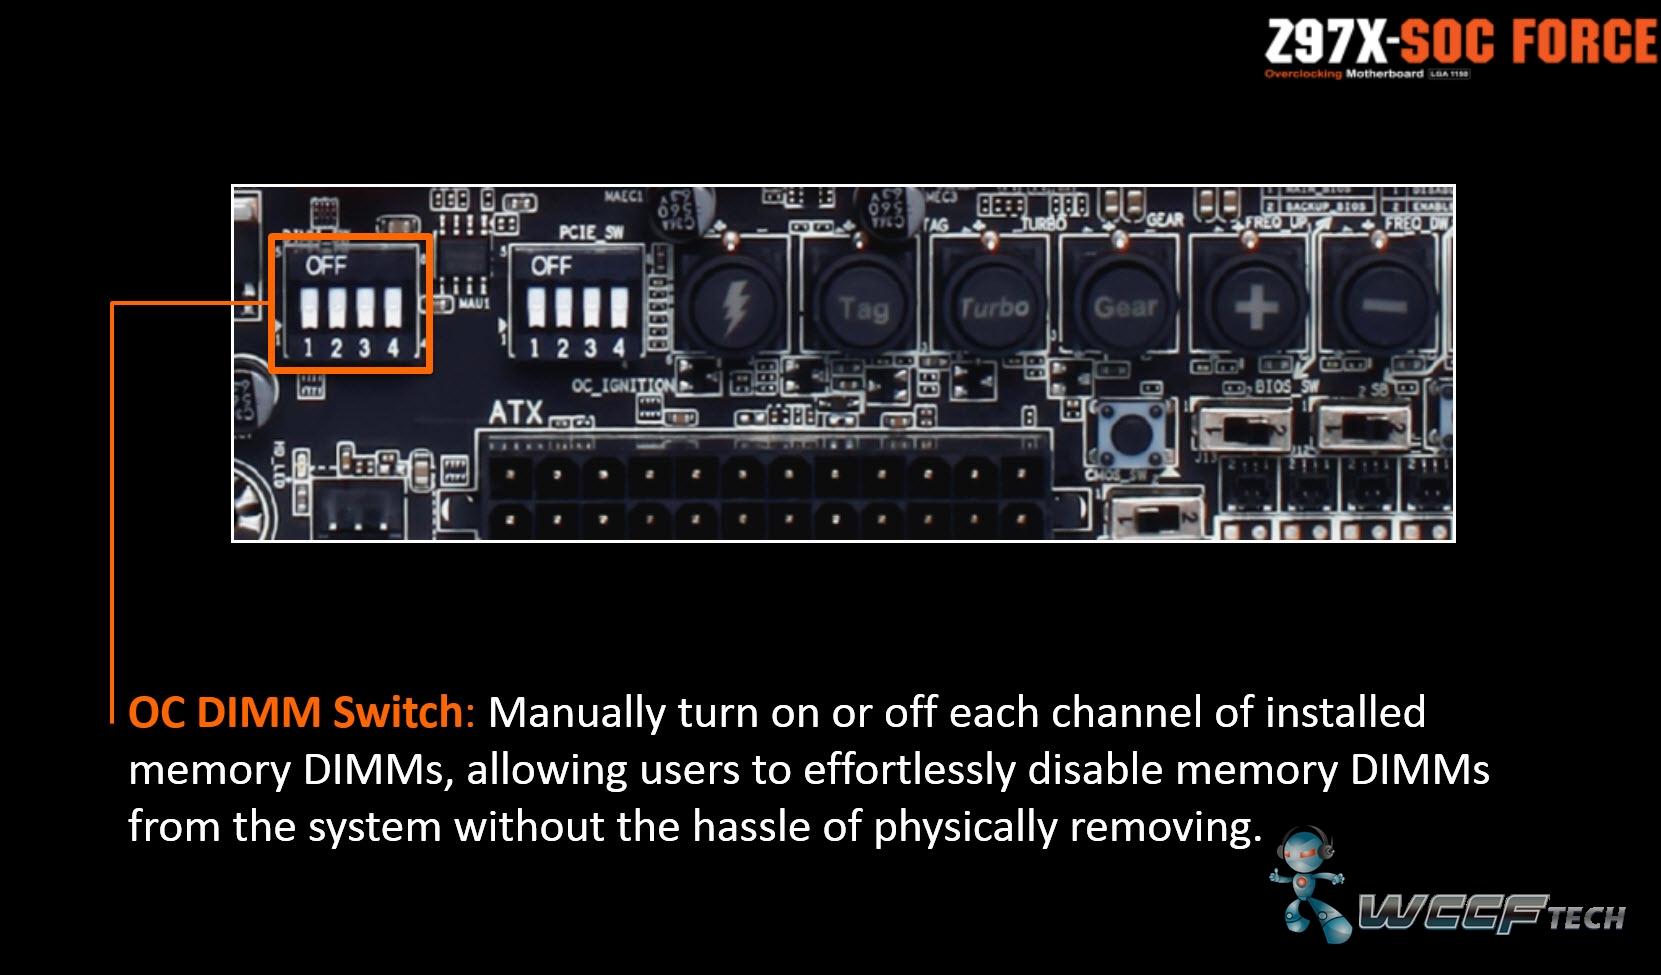 gigabyte-26